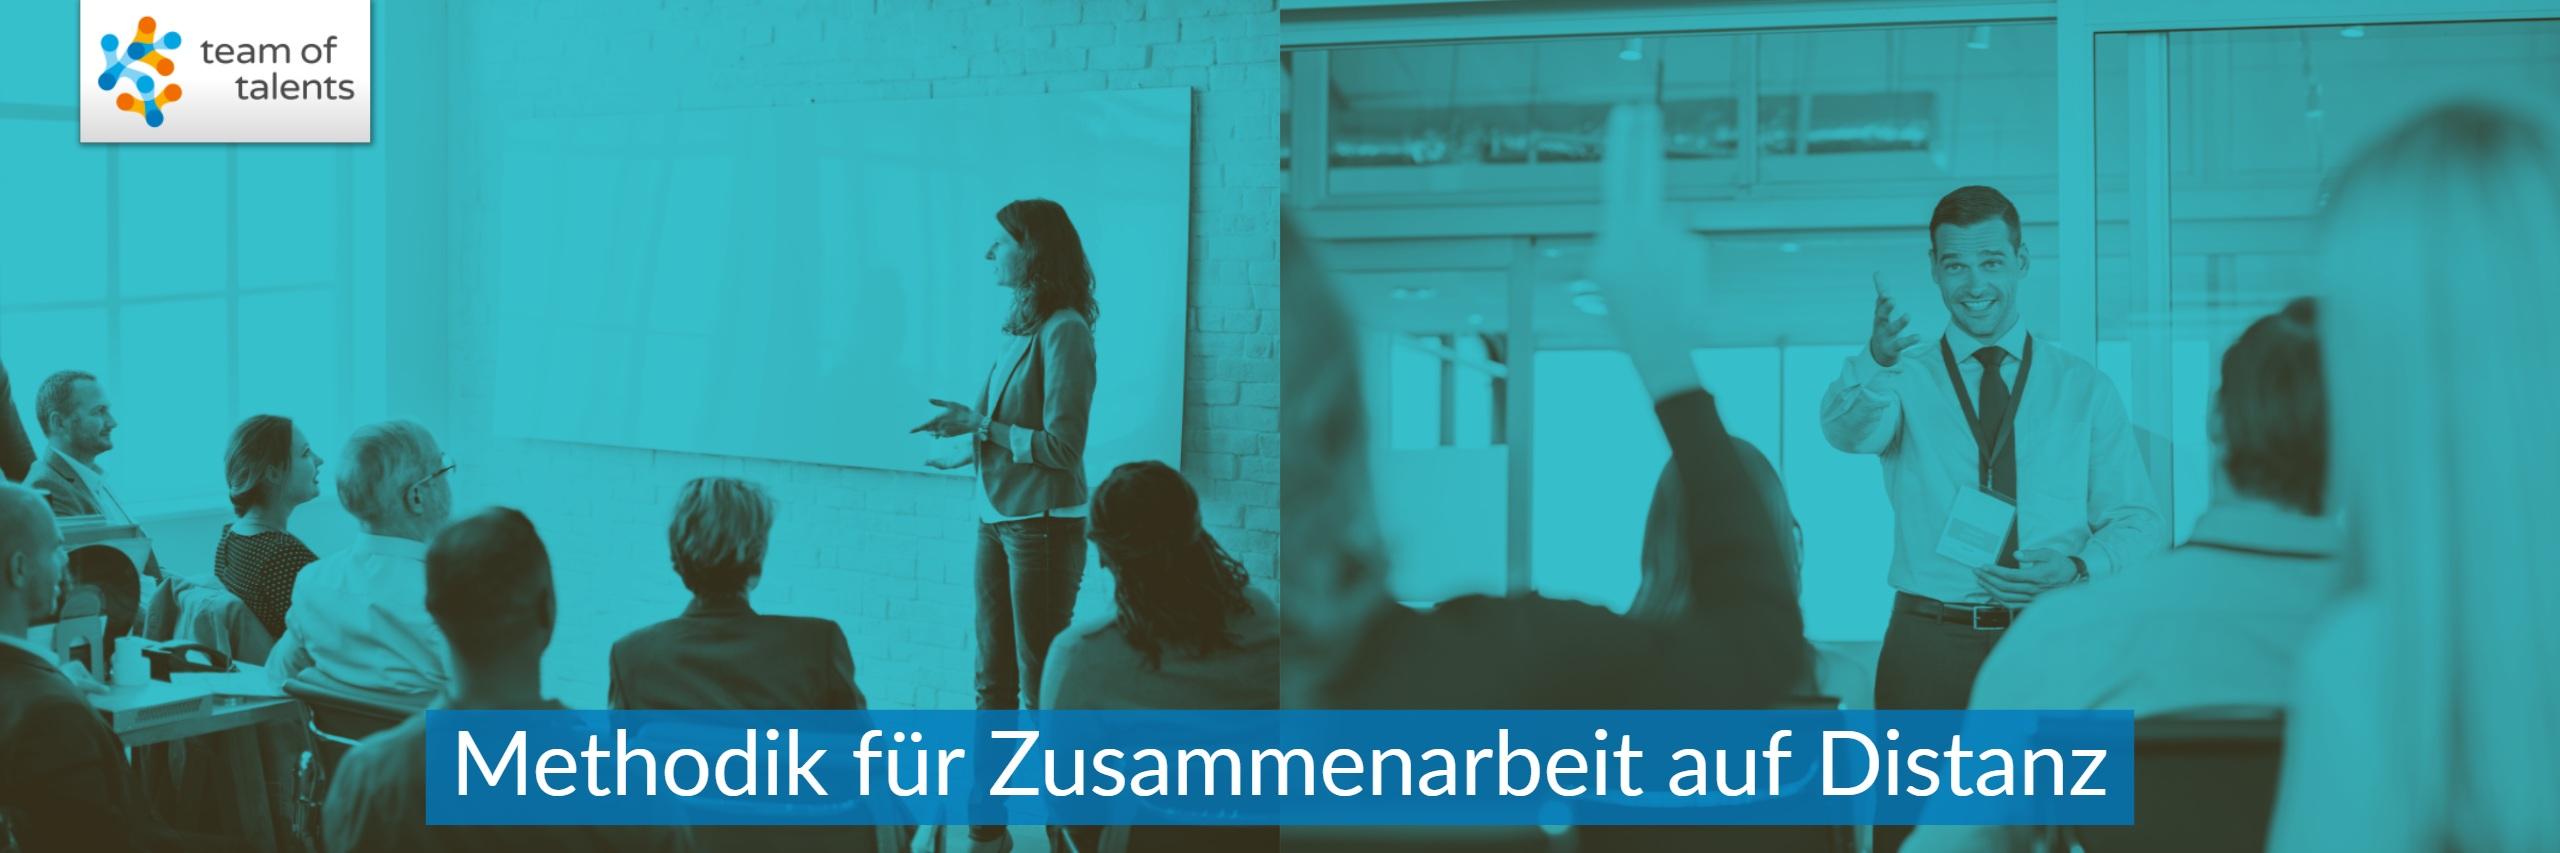 Foto von einem Seminar